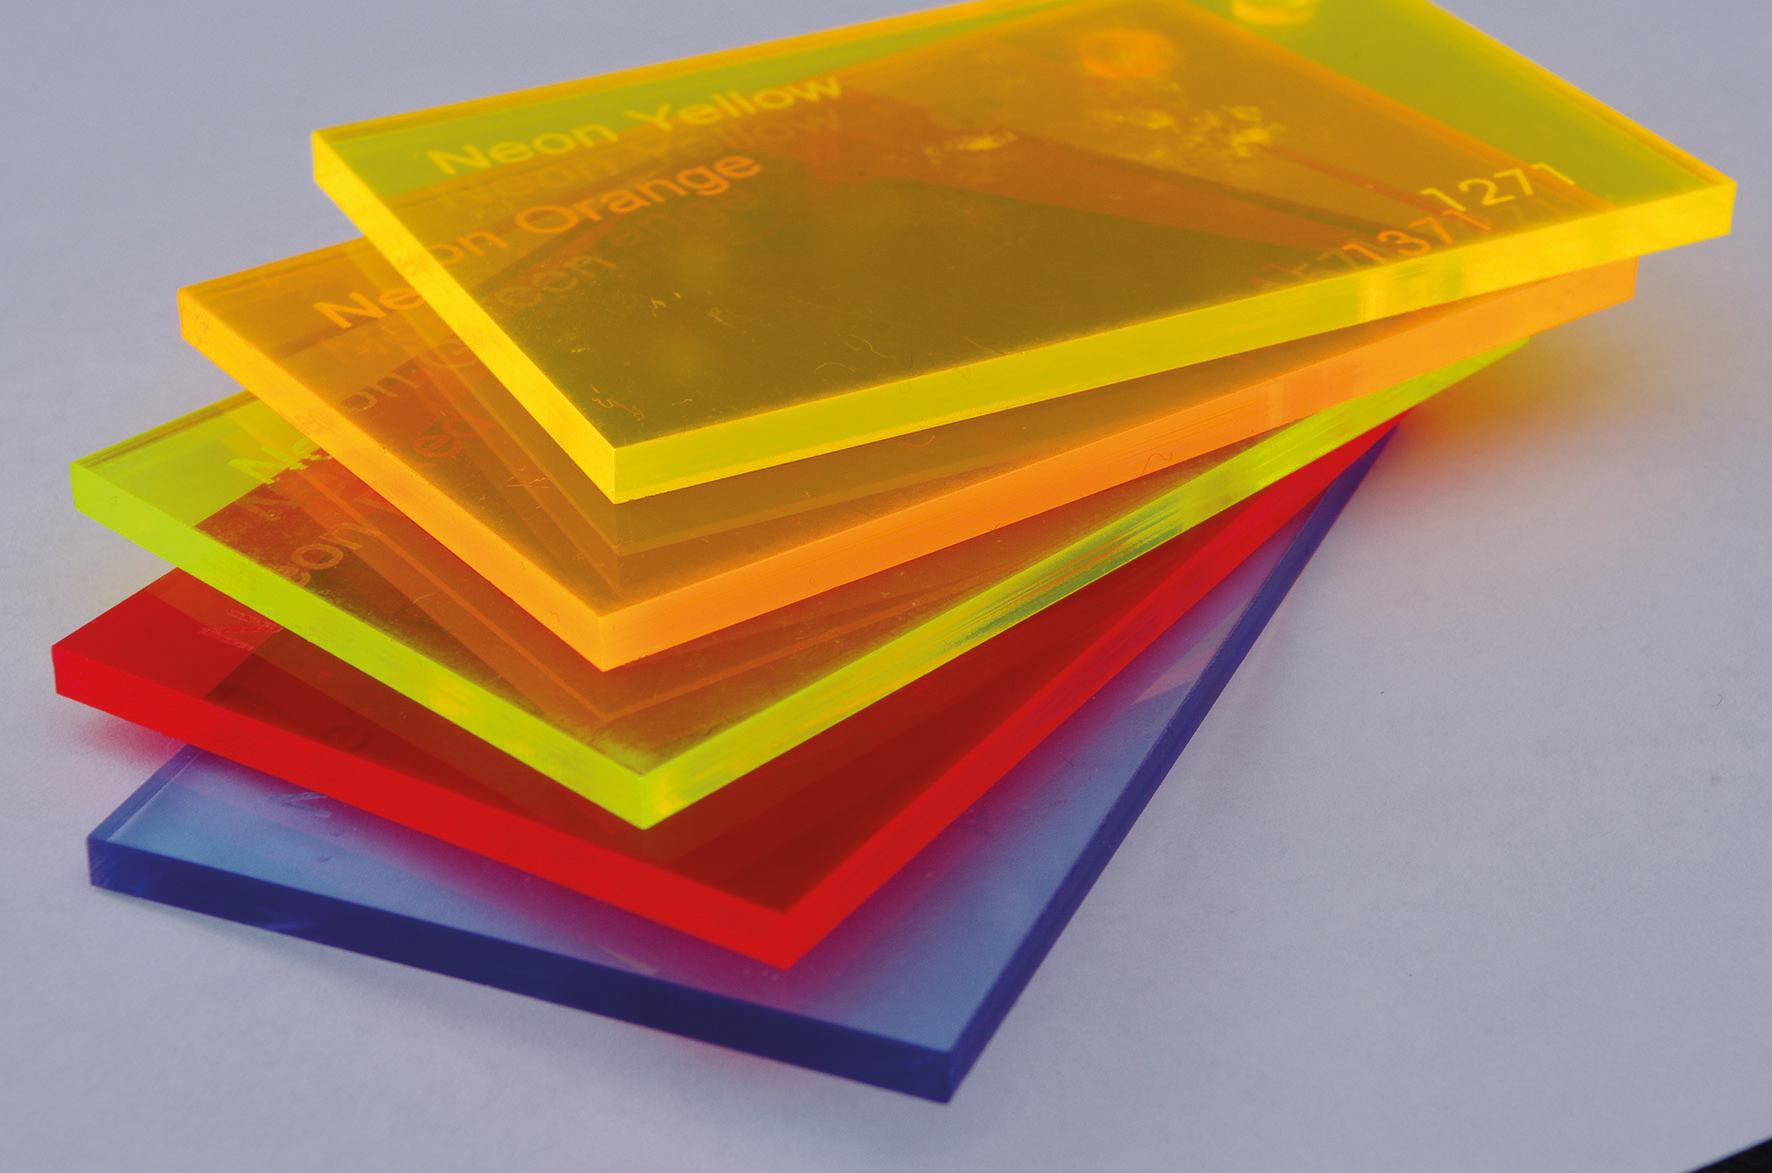 Fluorescent Cast Acrylic 3mm Sheet - 600 x 400mm Assorted ...